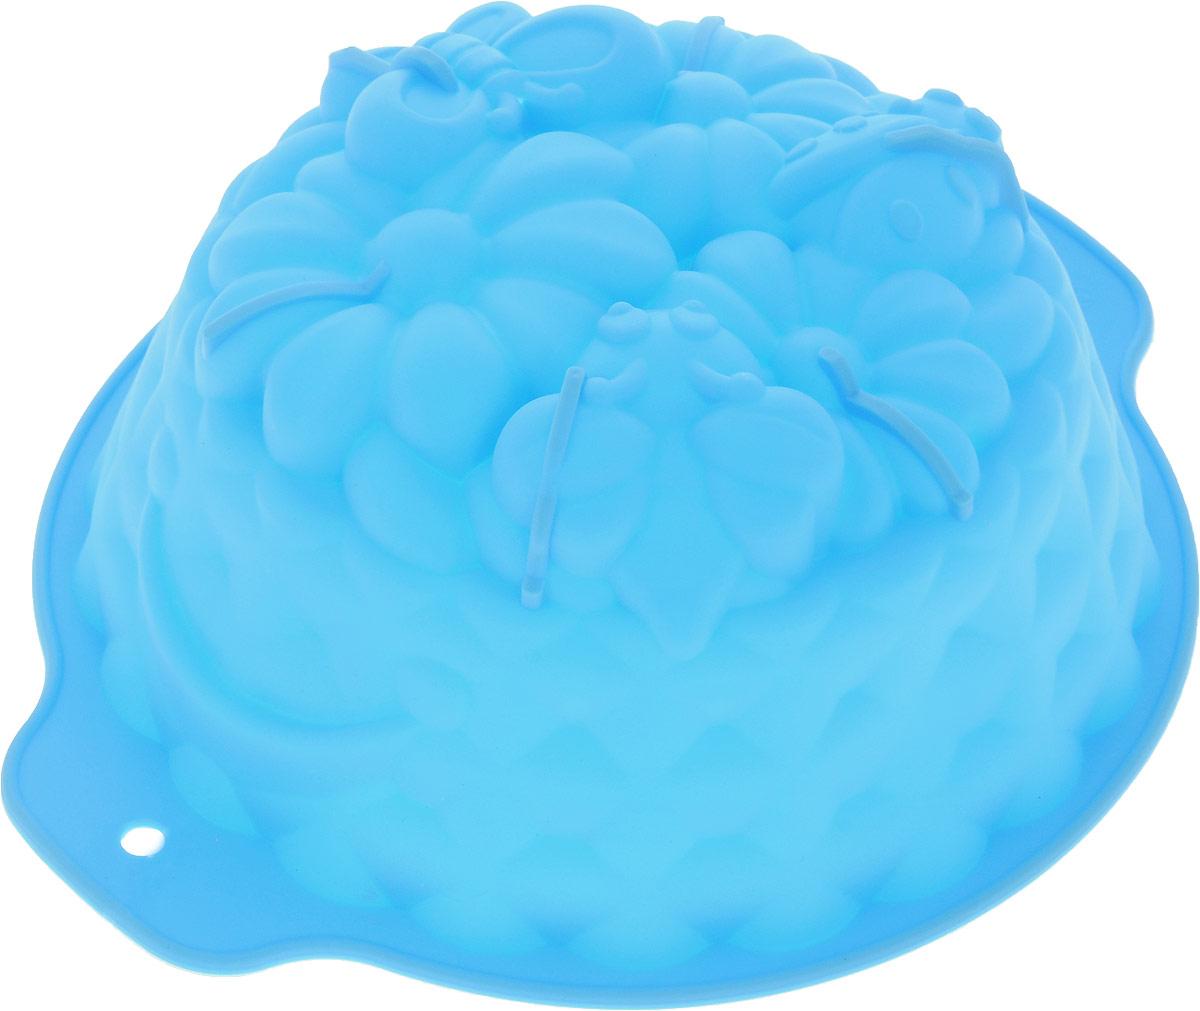 Форма для выпечки Доляна Корзина, цвет: голубой, 26 х 22,5 х 9 см1264092_голубойФорма Доляна Корзина, выполненная из силикона, будет отличным выбором для всех любителей домашней выпечки.Силиконовые формы для выпечки имеют множество преимуществ по сравнению с традиционными металлическими формами и противнями. Нет необходимости смазывать форму маслом. Форма быстро нагревается, равномерно пропекает, не допускает подгорания выпечки с краев или снизу. Вынимать продукты из формы очень легко. Слегка выверните края формы или оттяните в сторону, и ваша выпечка легко выскользнет из формы. Материал устойчив к фруктовым кислотам, не ржавеет, на нем не образуются пятна. Форма может быть использована в духовках и микроволновых печах (выдерживает температуру от -40°С до +230°С), также ее можно помещать в морозильную камеру и холодильник. Можно мыть в посудомоечной машине.